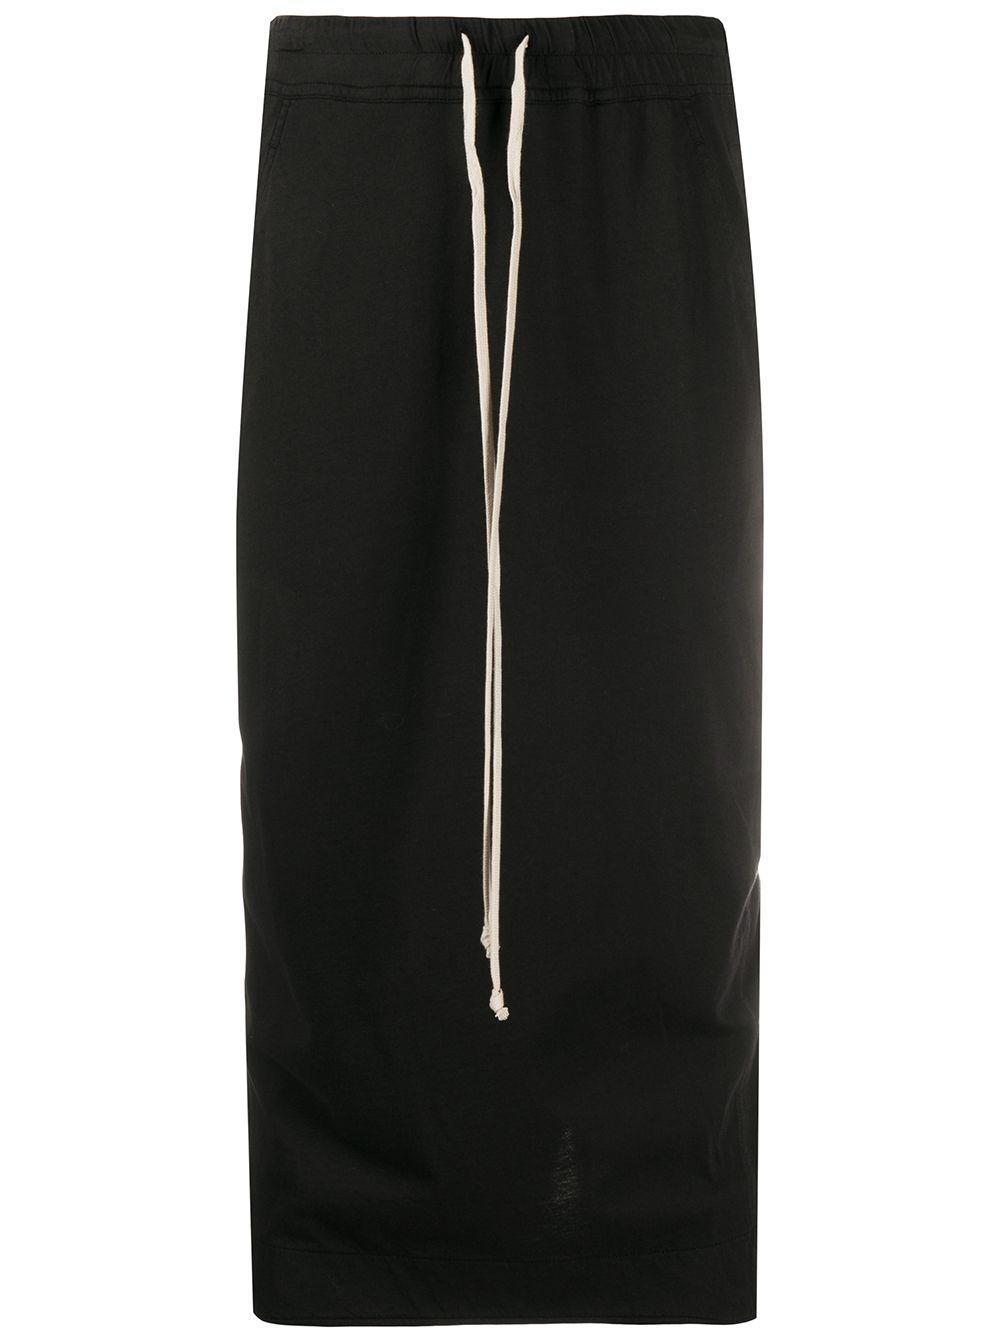 Rick Owens DRKSHDW drawstring-waist midi skirt